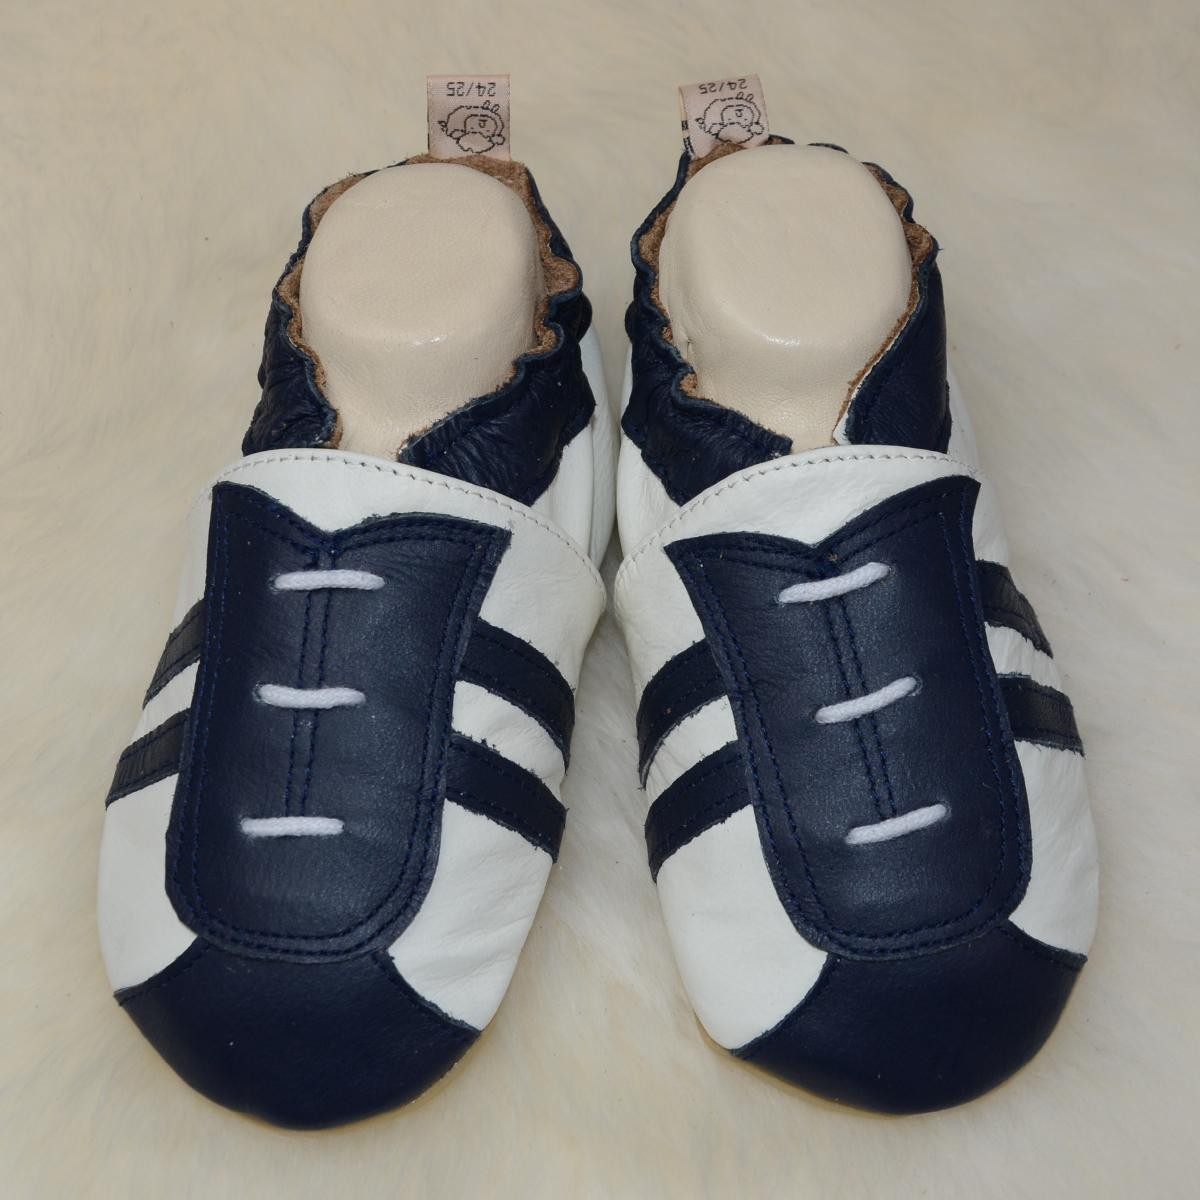 #207 Sportlook weiß//blau Liya/'s Lauflernschuhe Lederpuschen mit vollgummi